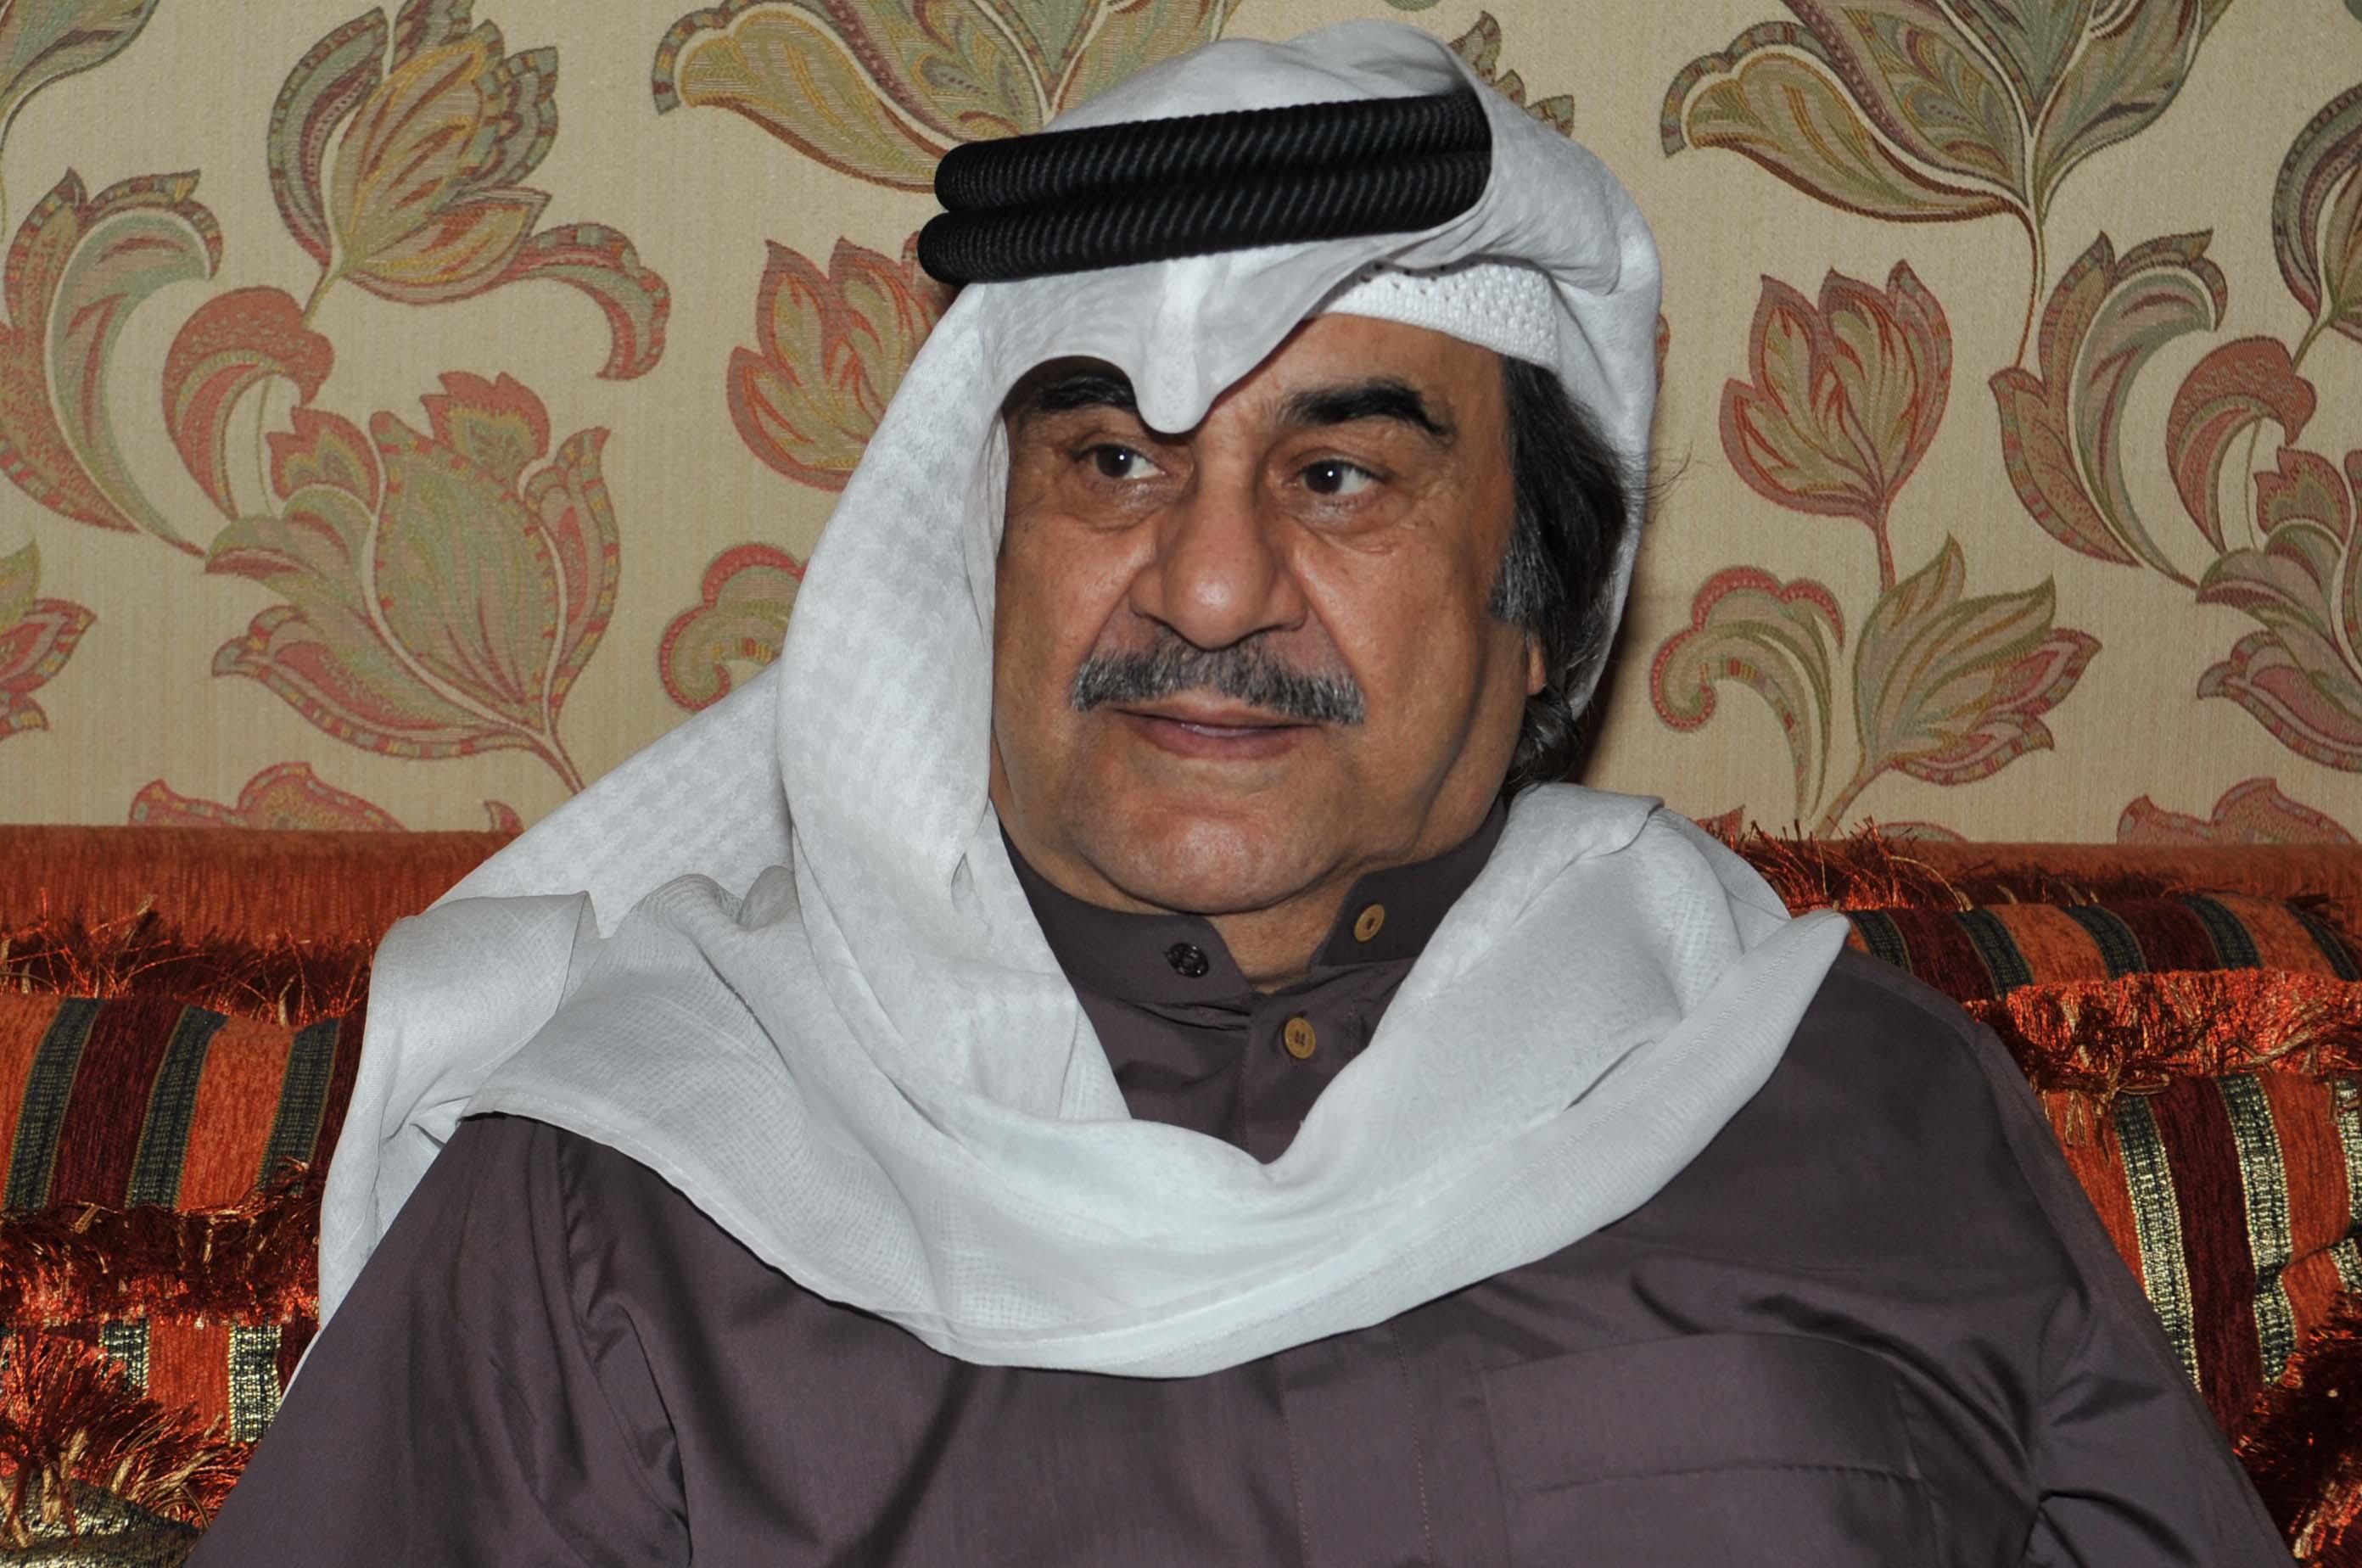 وفاة الممثل الكويتي عبد الحسين عبد الرضا بعد صراع مع المرض